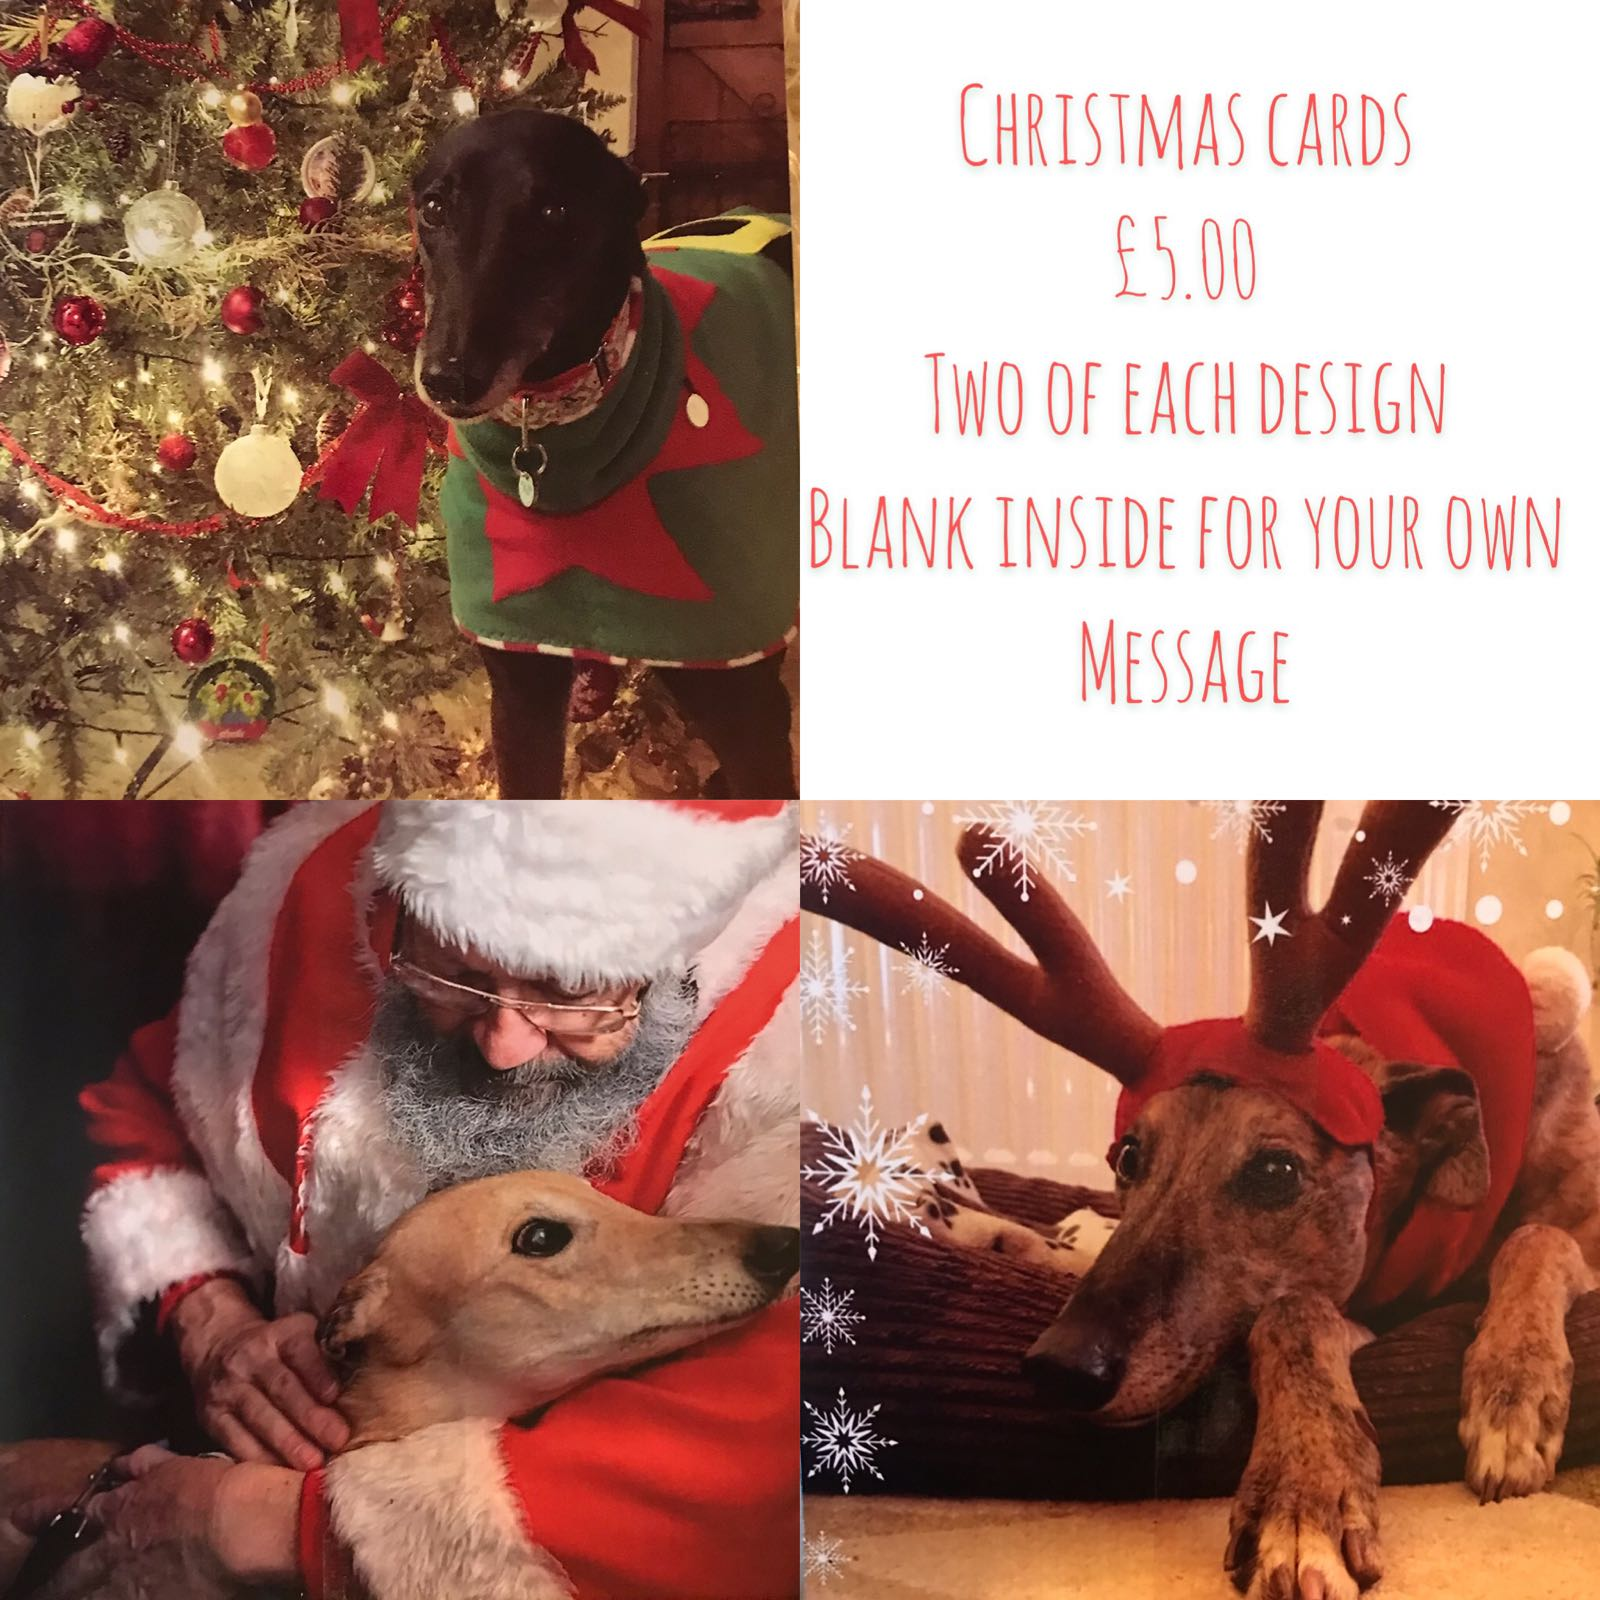 (A) Christmas cards